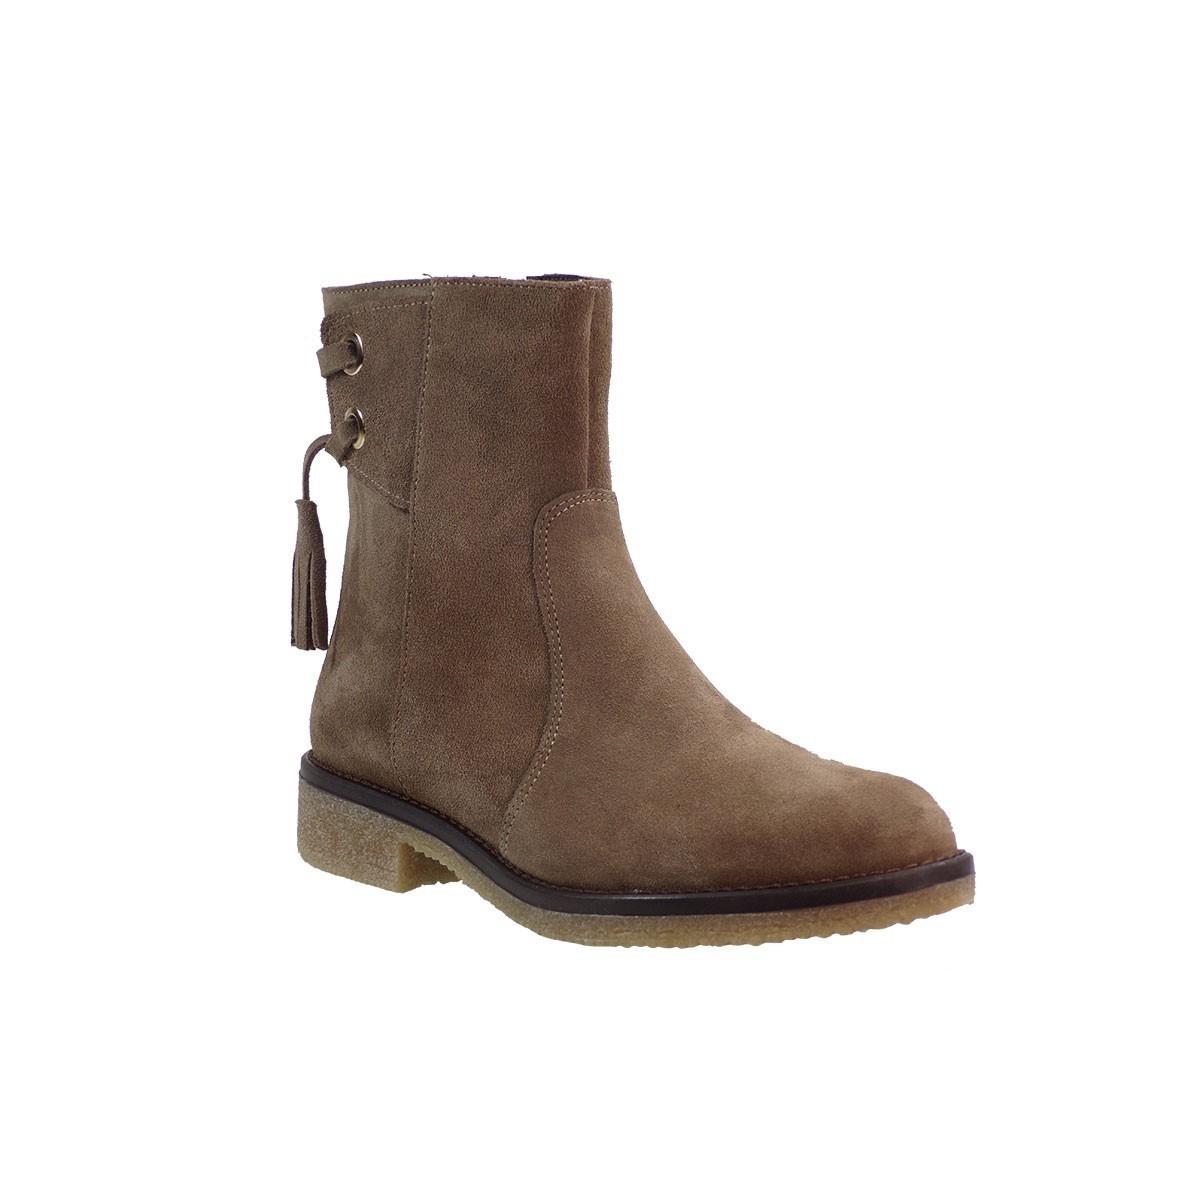 Envie Shoes Γυναικεία Παπούτσια Μποτάκια E02-06322 Πούρο Δέρμα Καστόρι